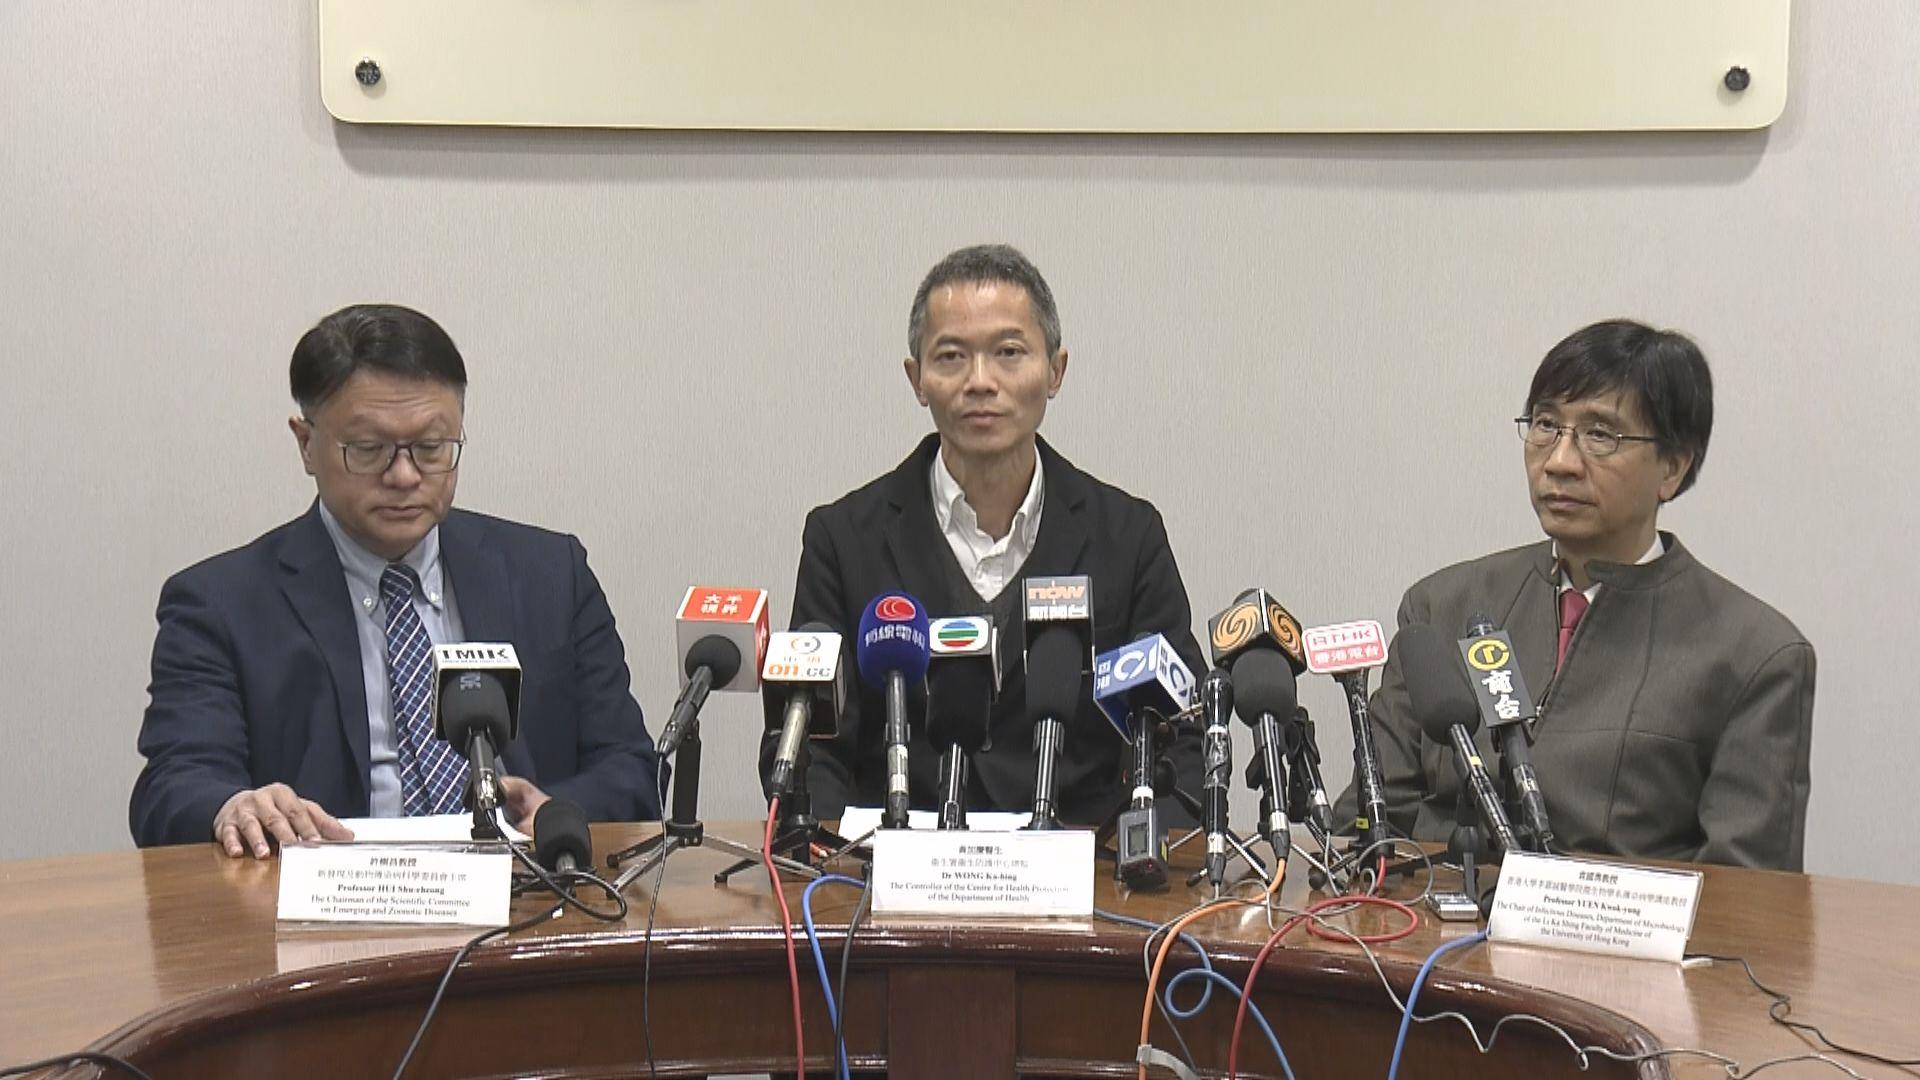 衞生防護中心已聯絡國家衞健委要求取得病毒基因排序